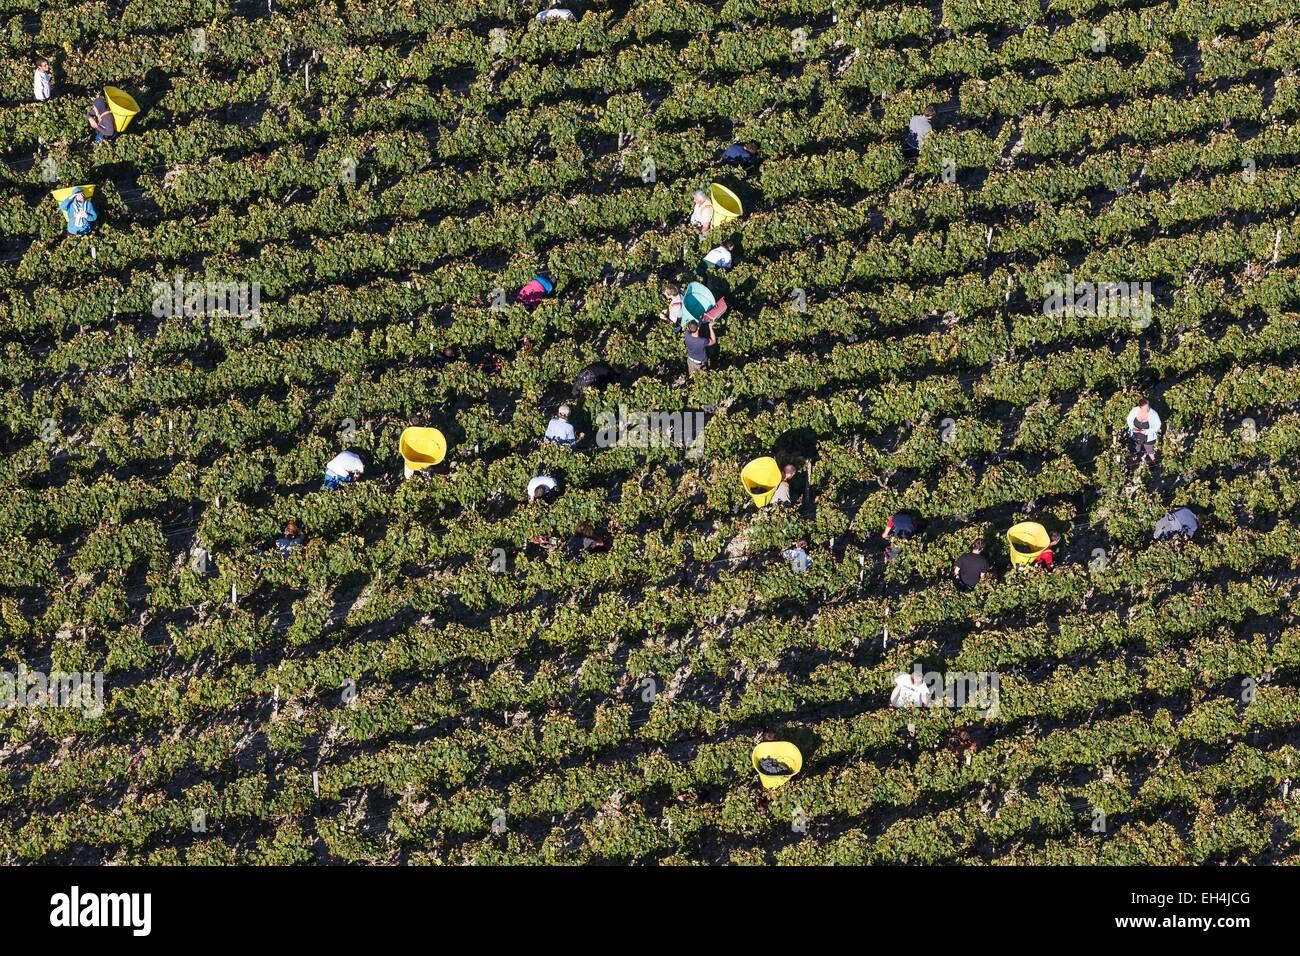 France, Gironde, Cantenac, vendangeurs à Margaux vignobles (vue aérienne) Photo Stock